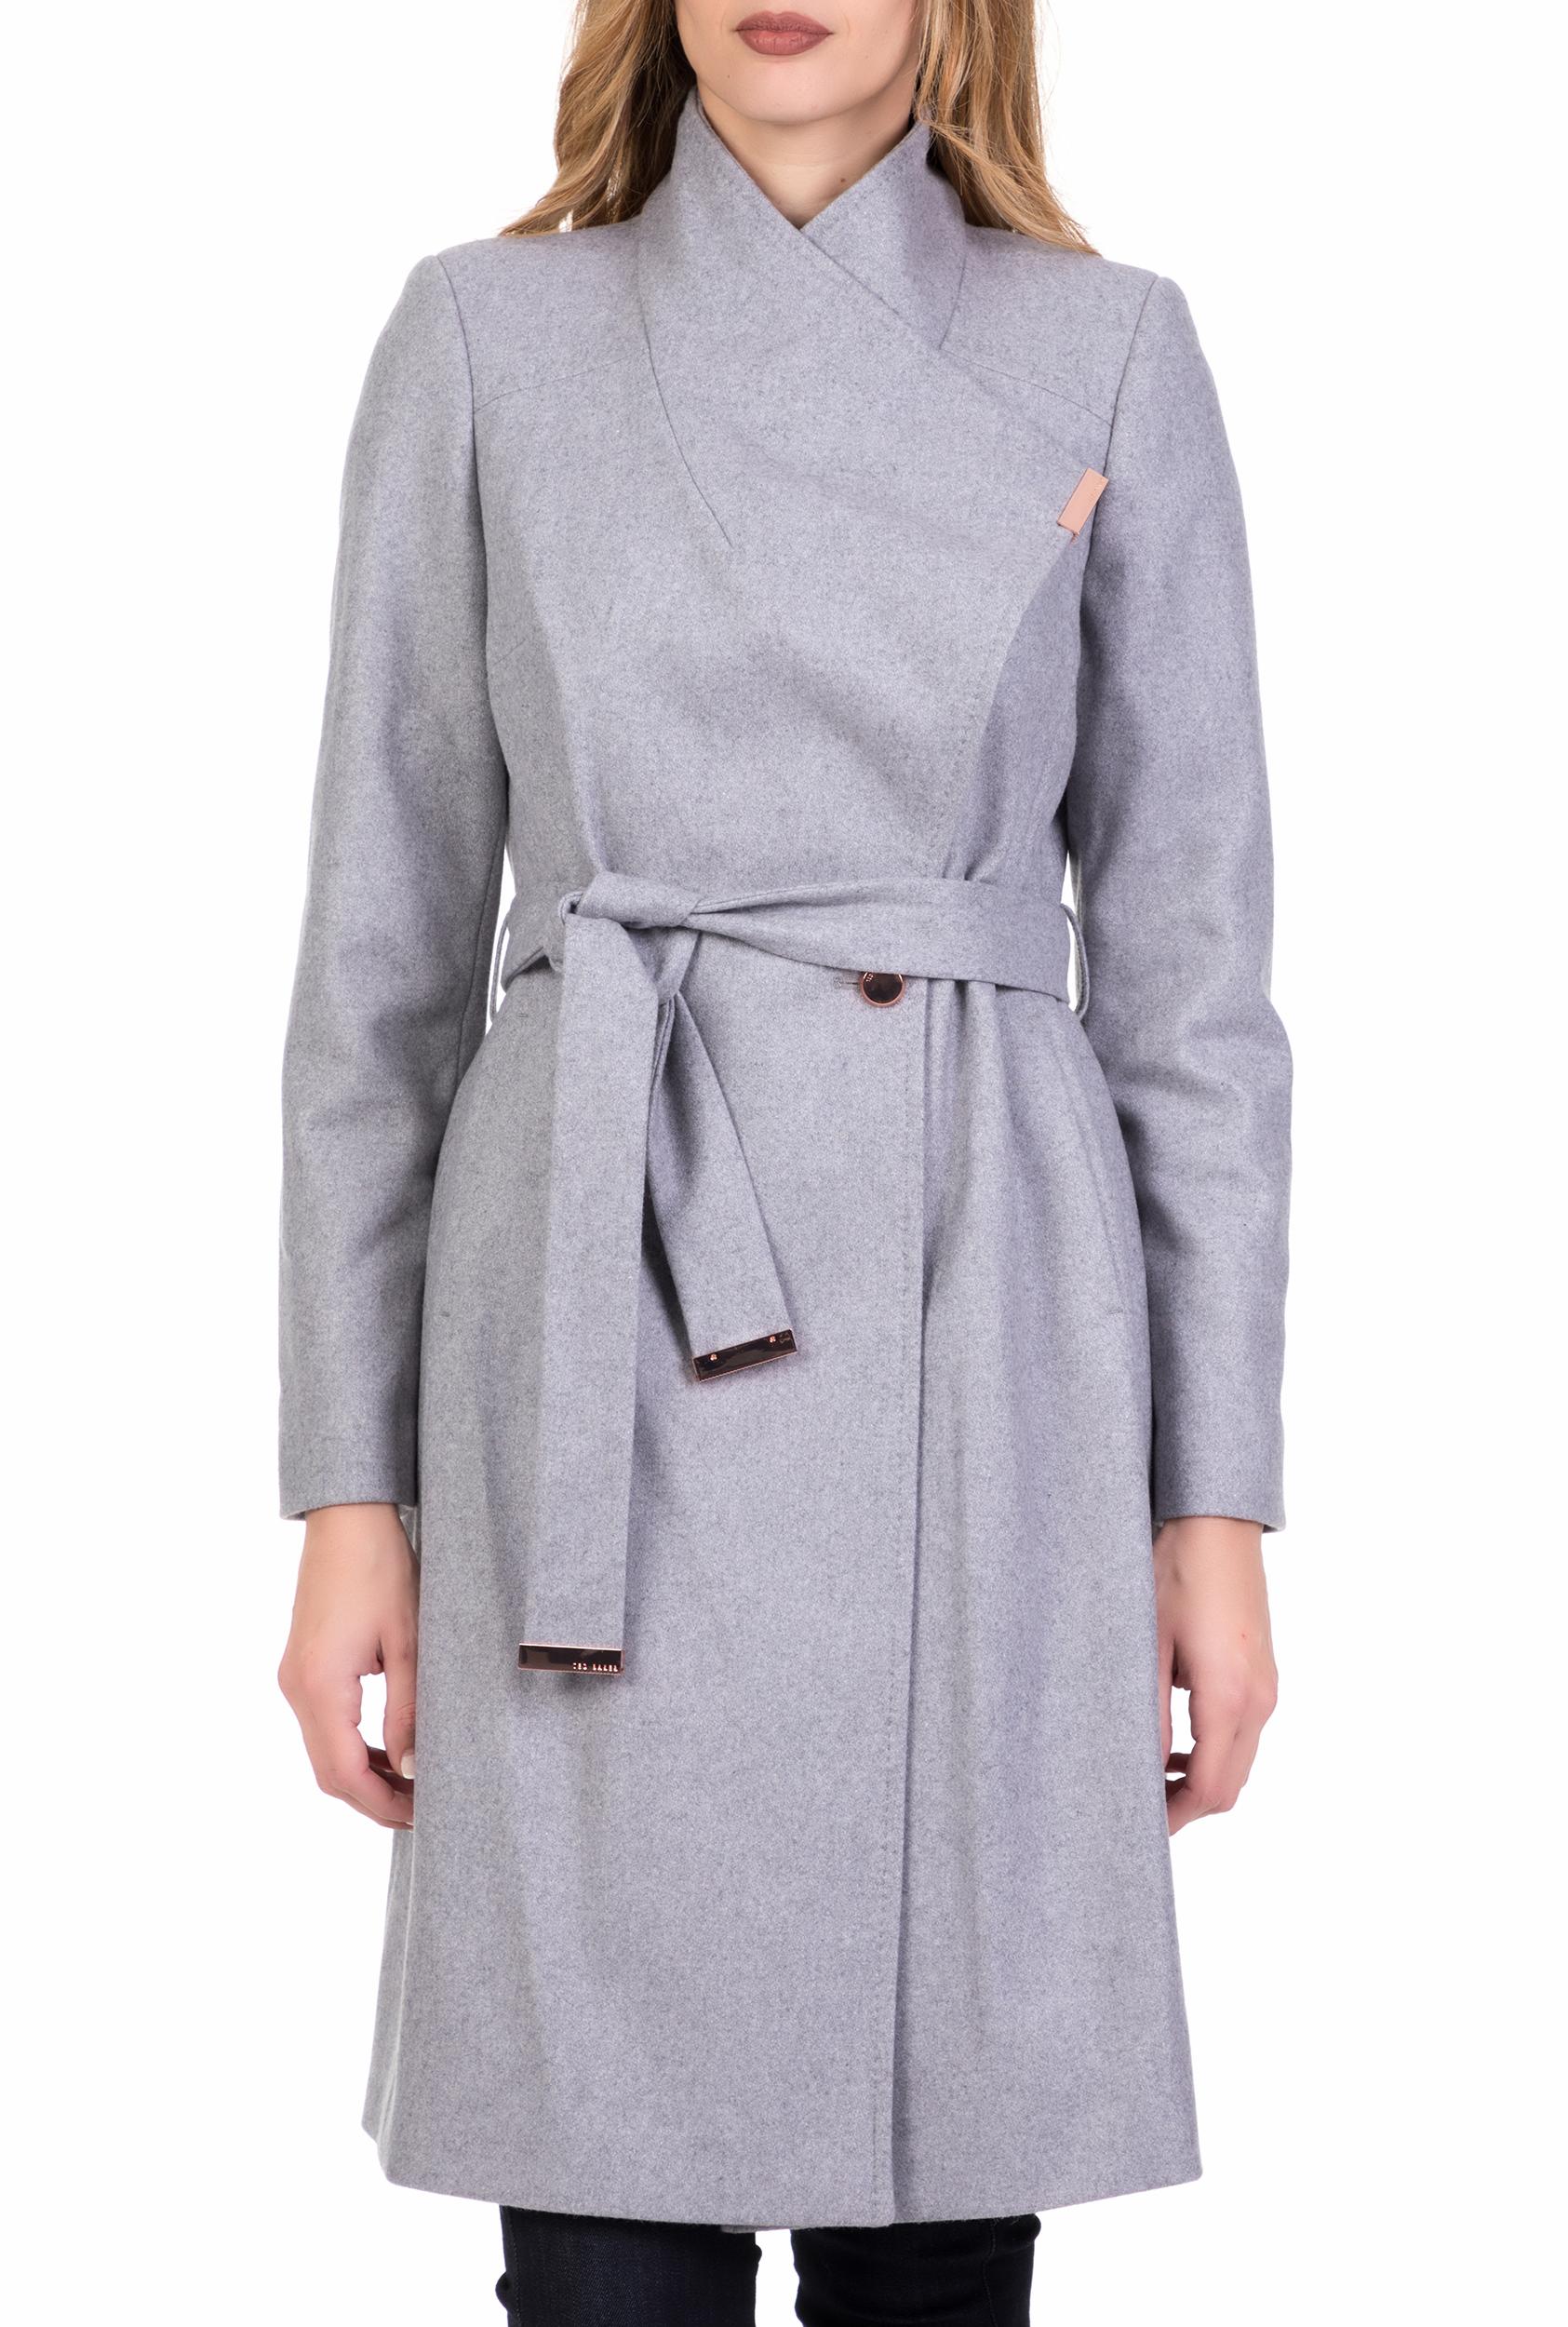 TED BAKER - Γυναικείο μακρύ παλτό TED BAKER SANDRA γκρι def6f017af4